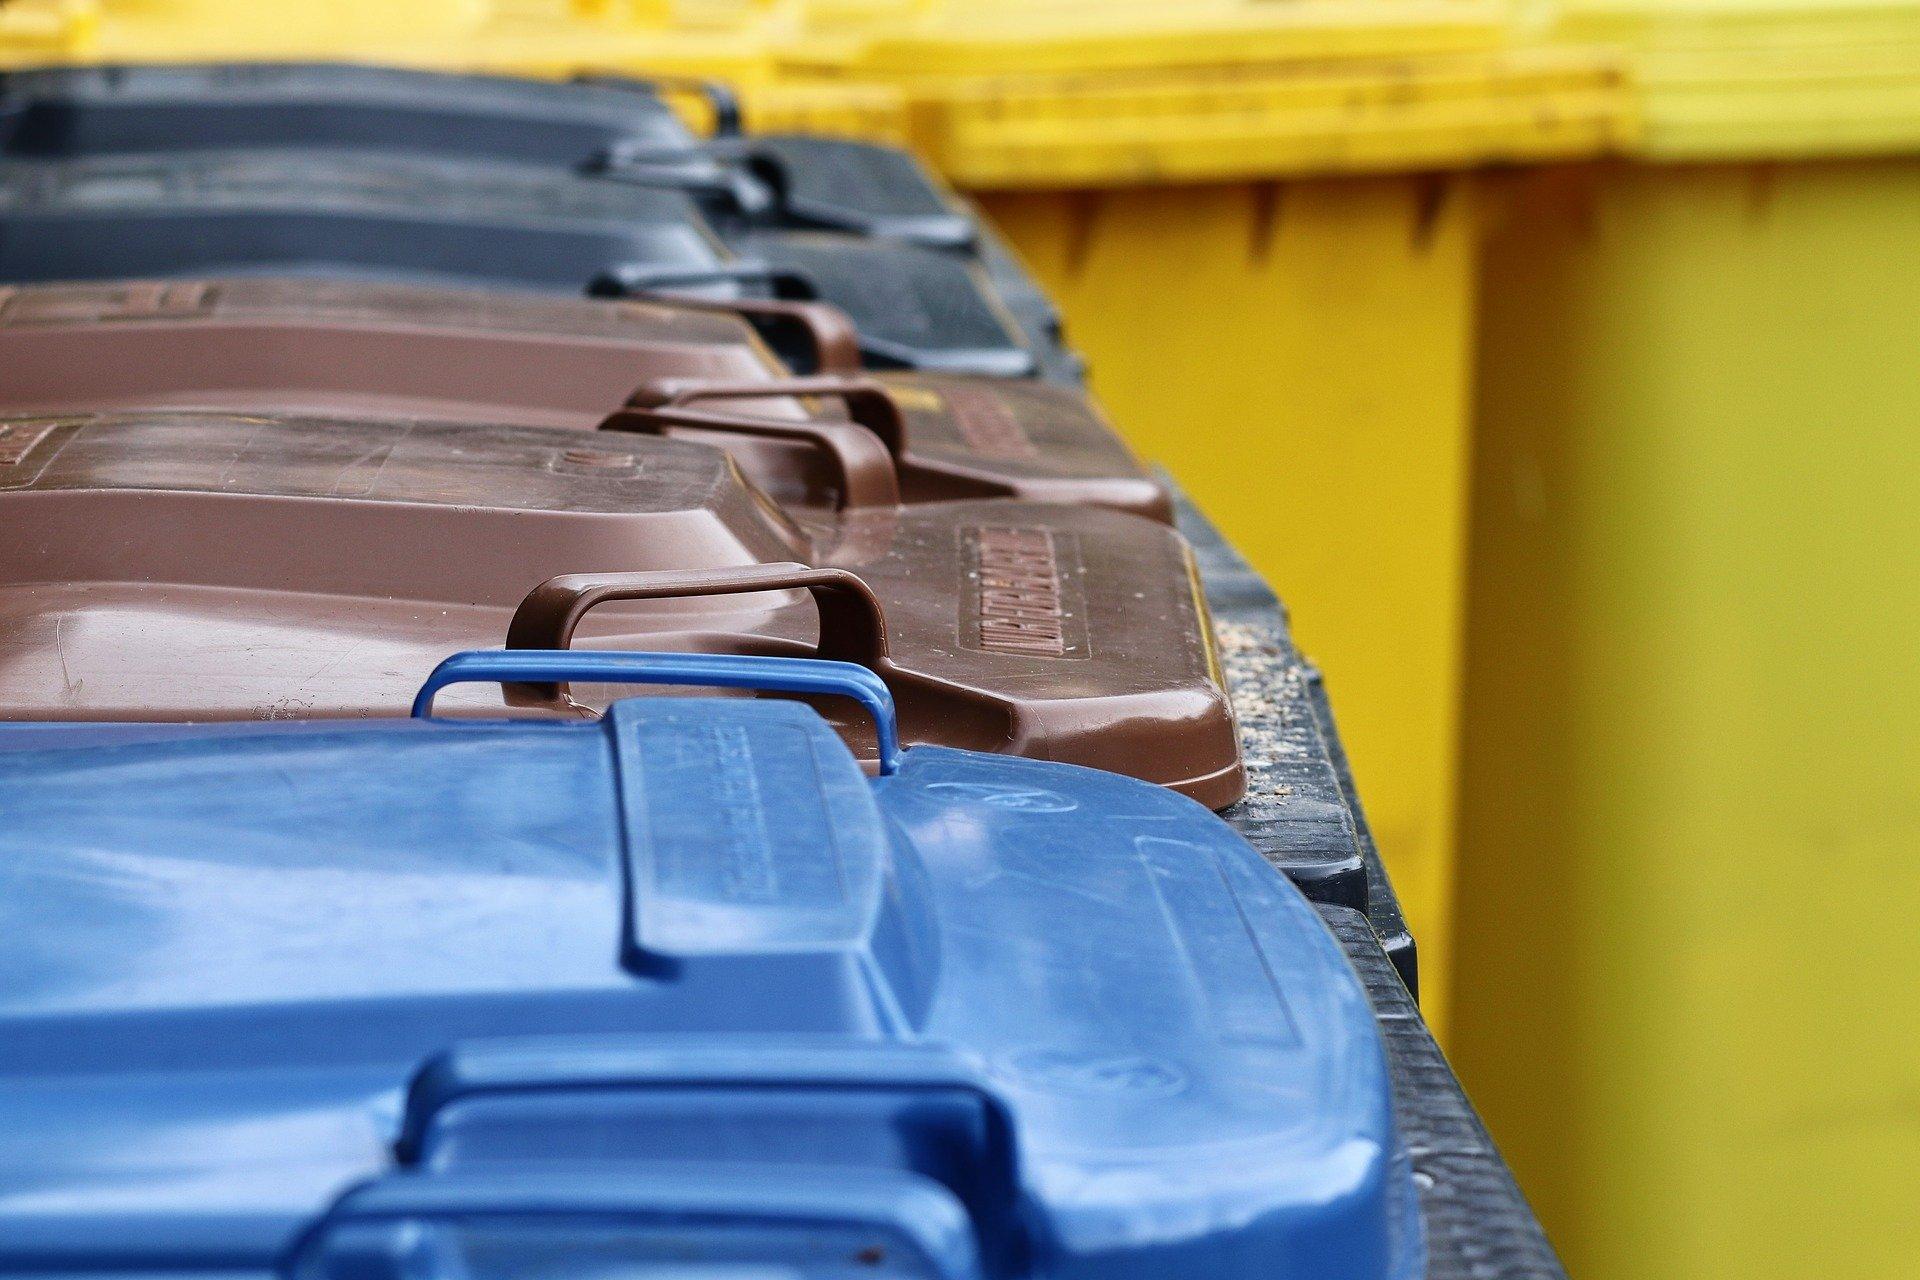 Harmonogram odbioru odpadów komunalnych z domów jednorodzinnych w Sanoku - Zdjęcie główne